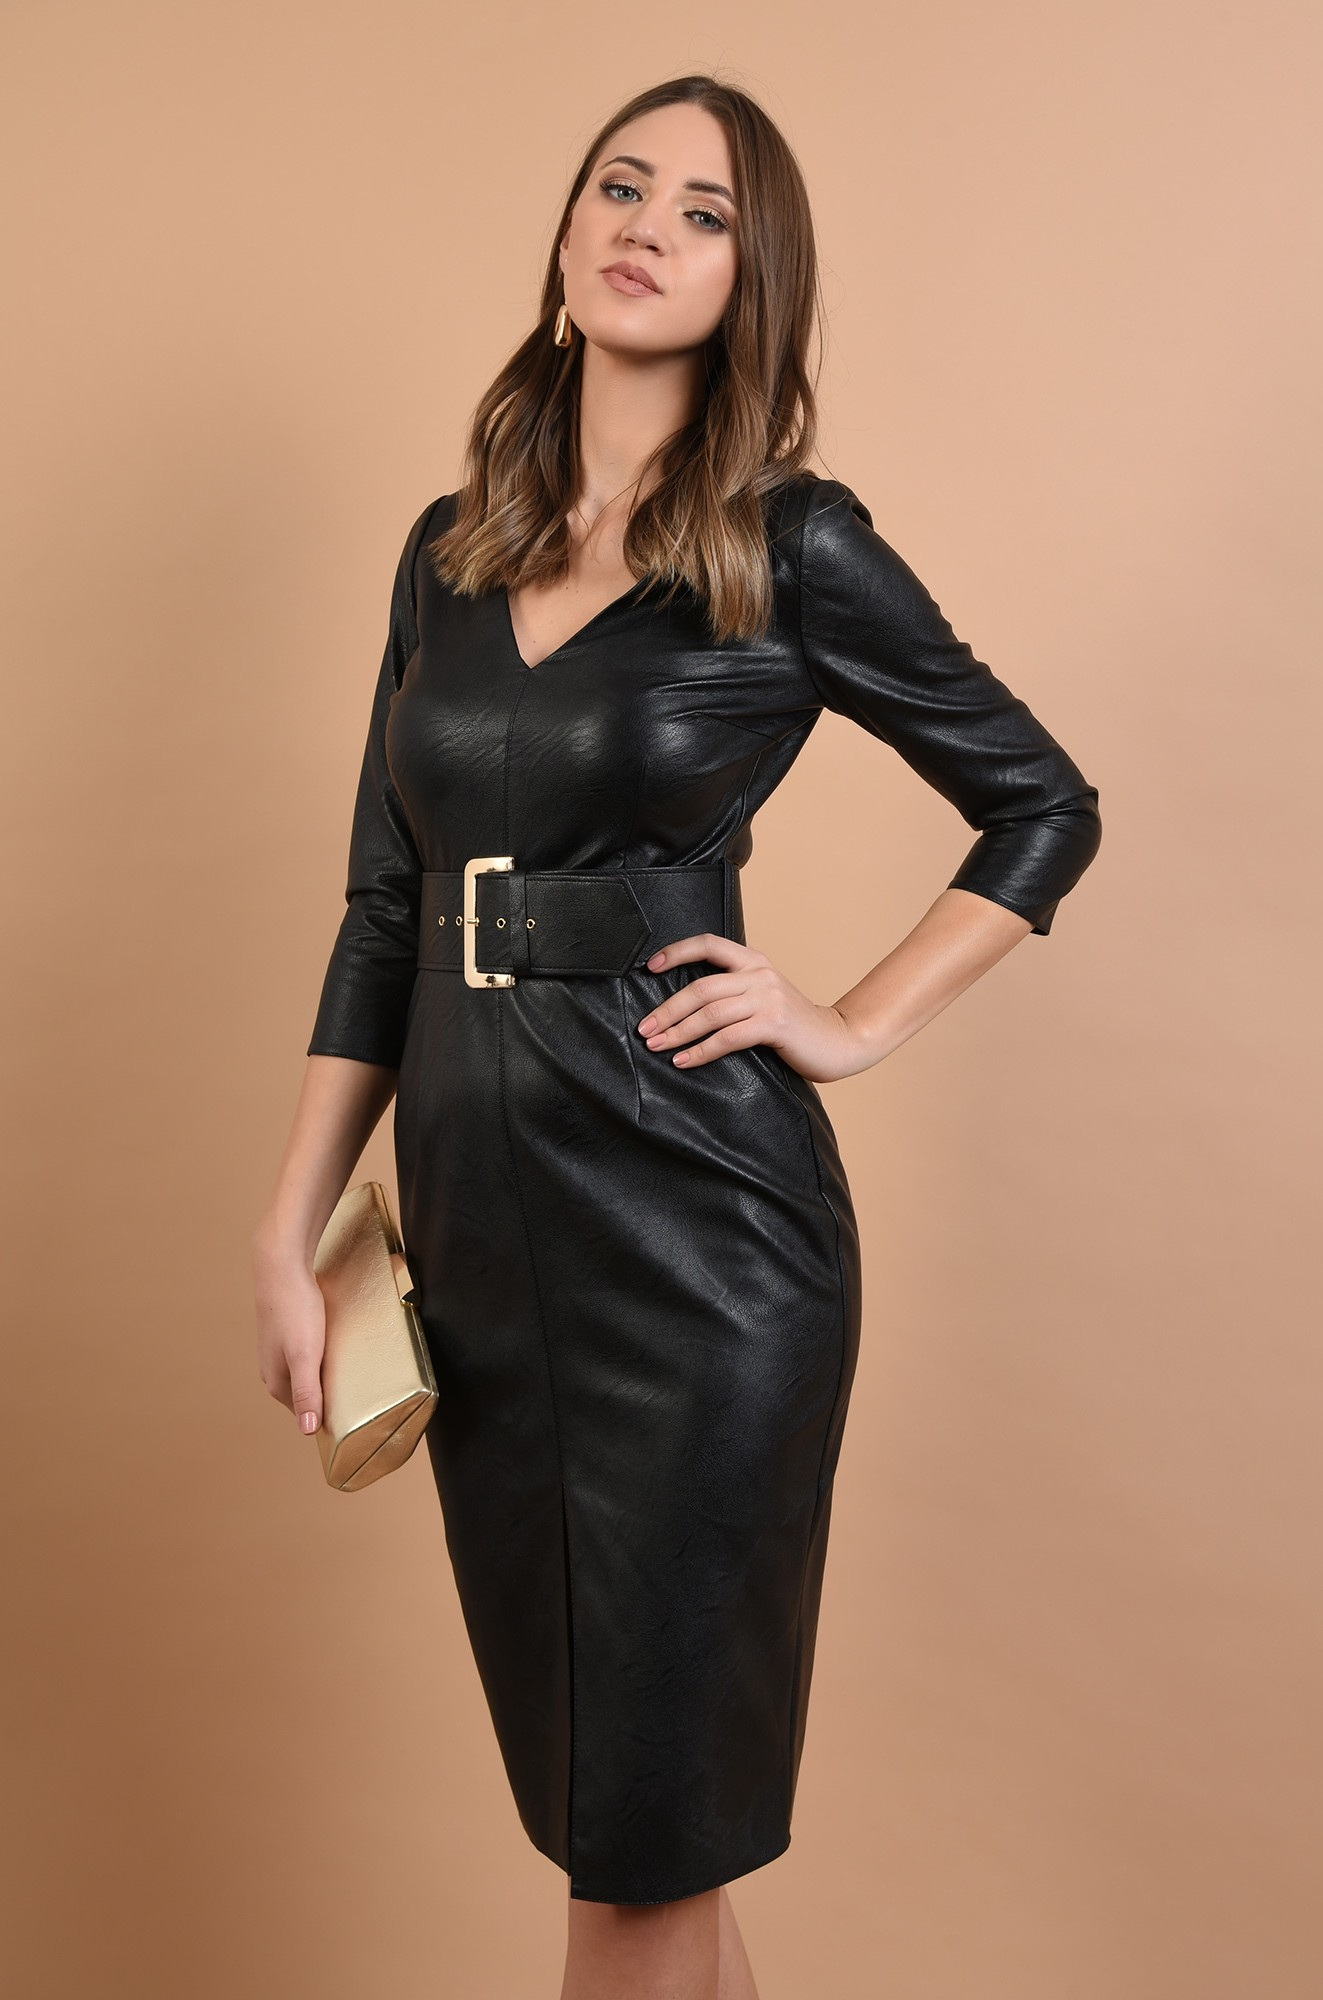 0 - rochie neagra, cambrata, cu centura, anchior, maneci ajustate